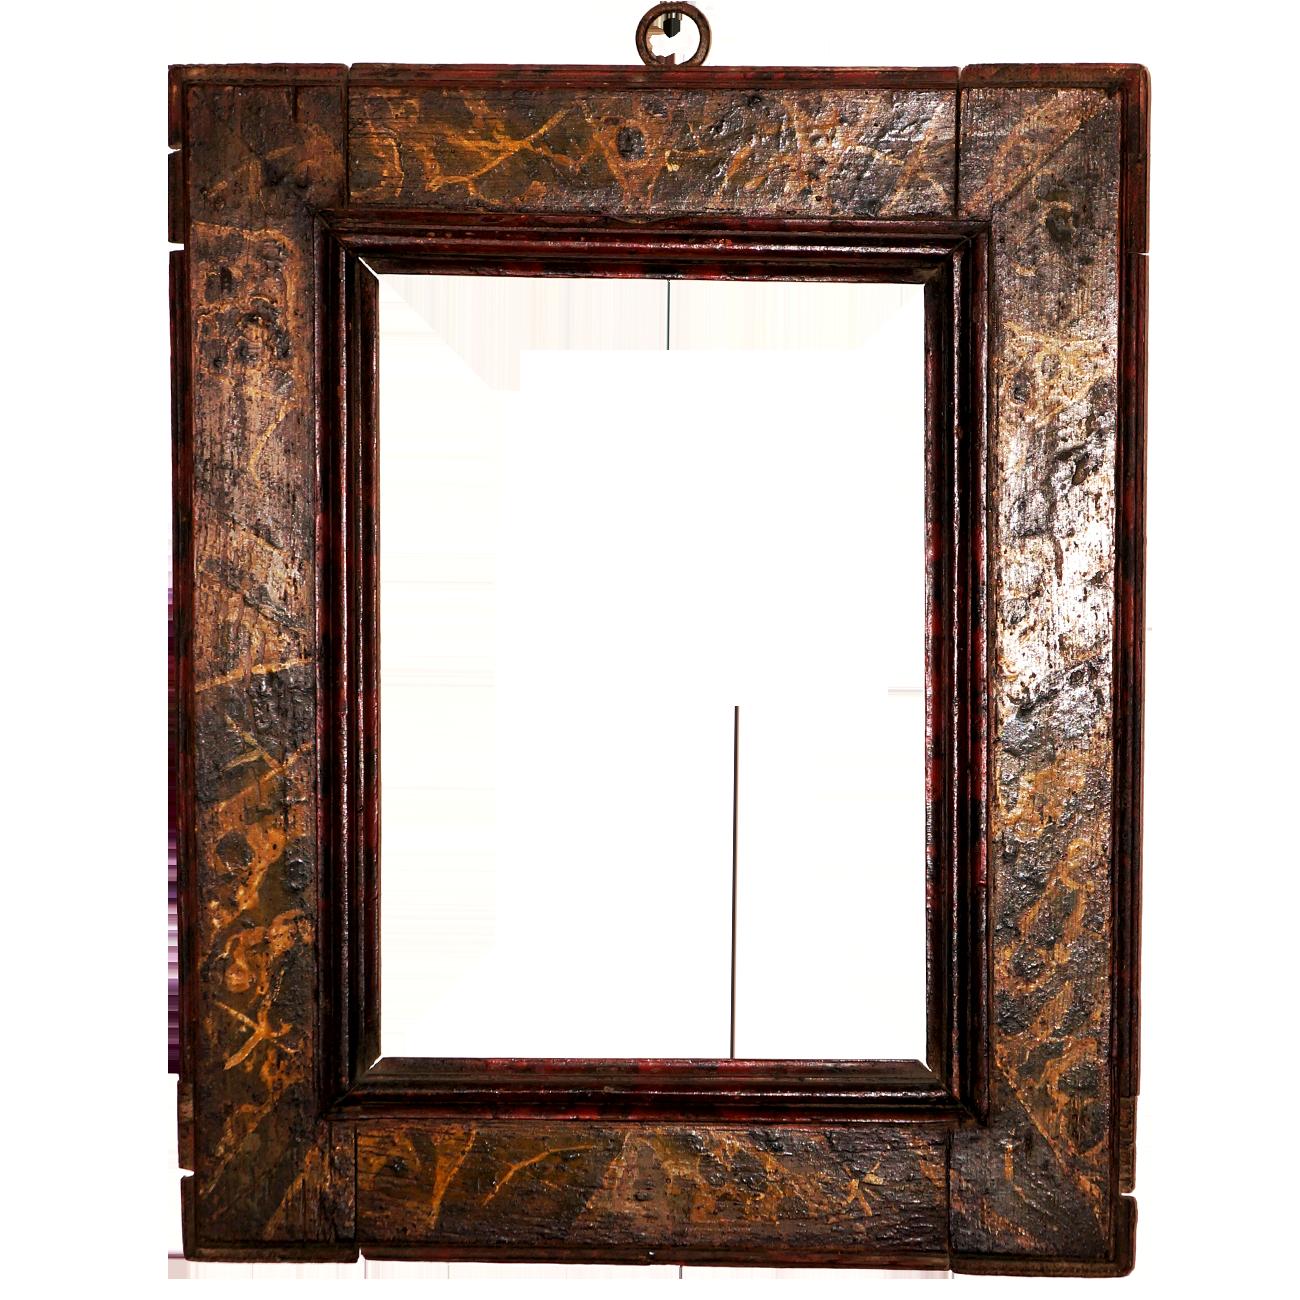 Marbled Baroque Frame - Antike Rahmen